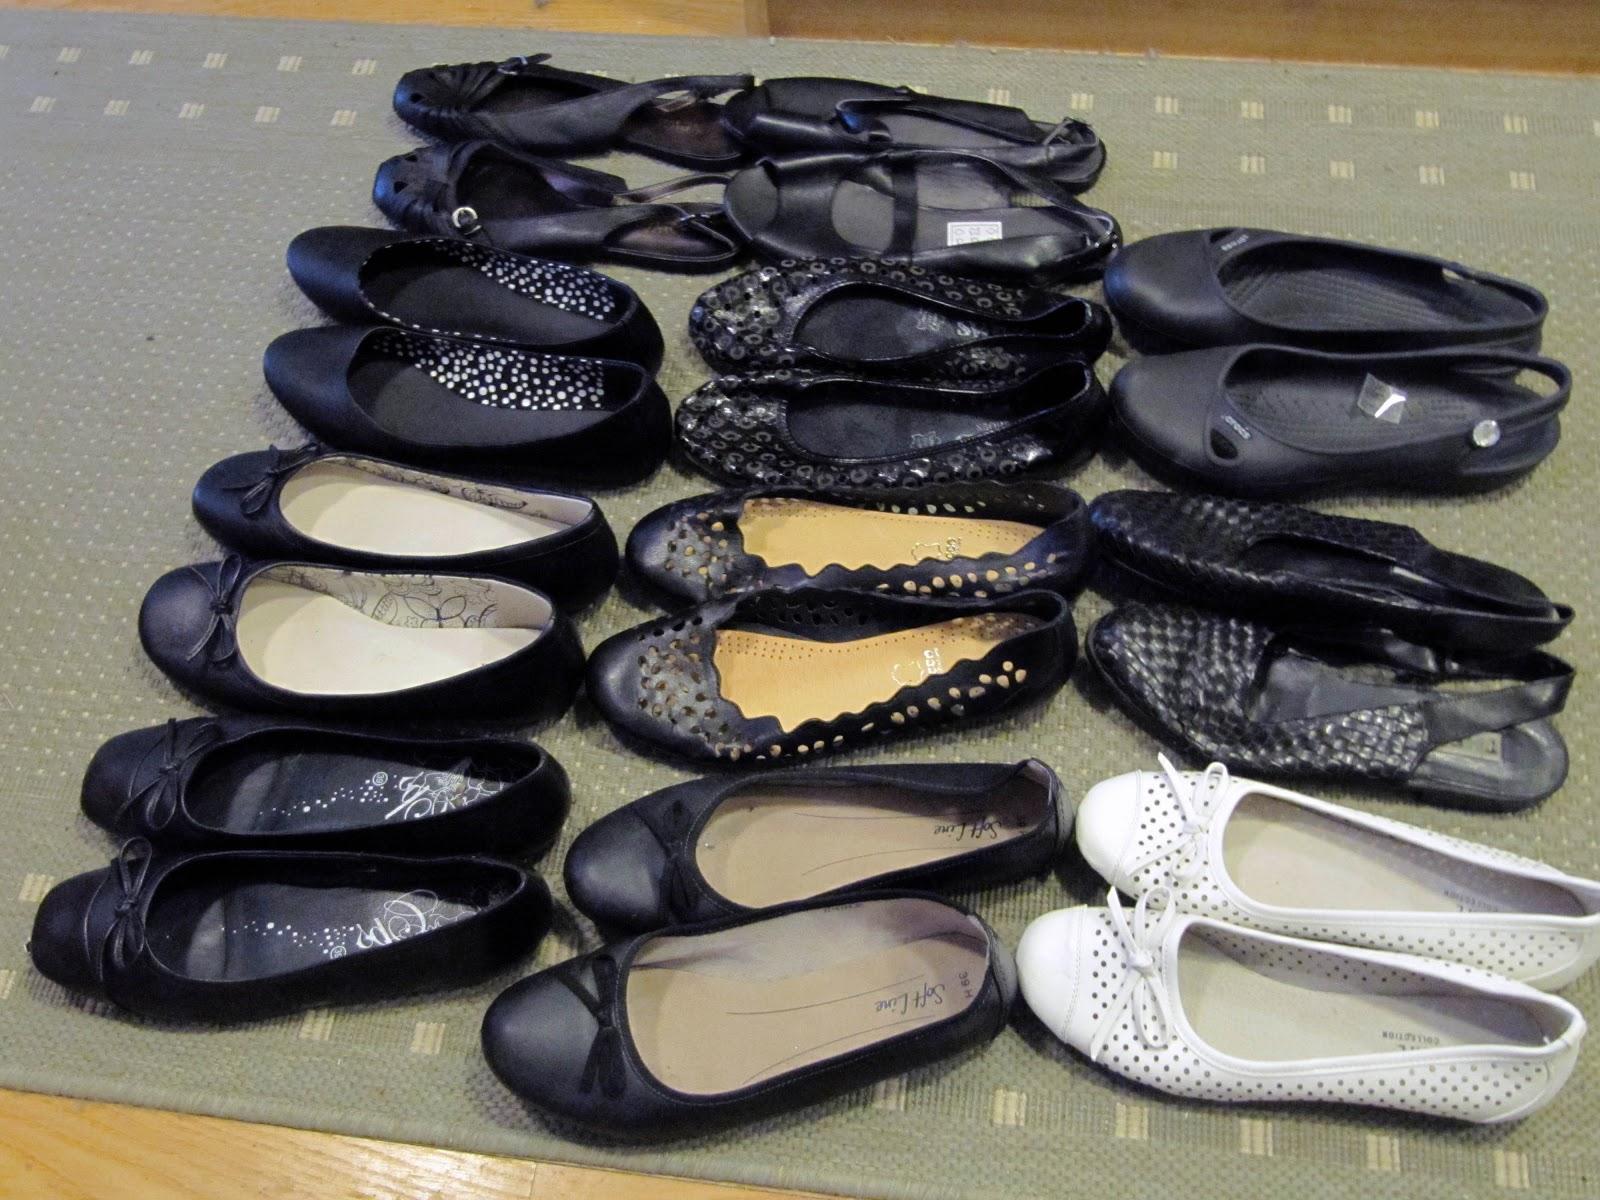 Alas jätin vielä muutamat juhlakorkkarit - sekä varalle ensi kevättä varten  parit kävelykengät - jos vaikka kenkien ... 5a935e3641